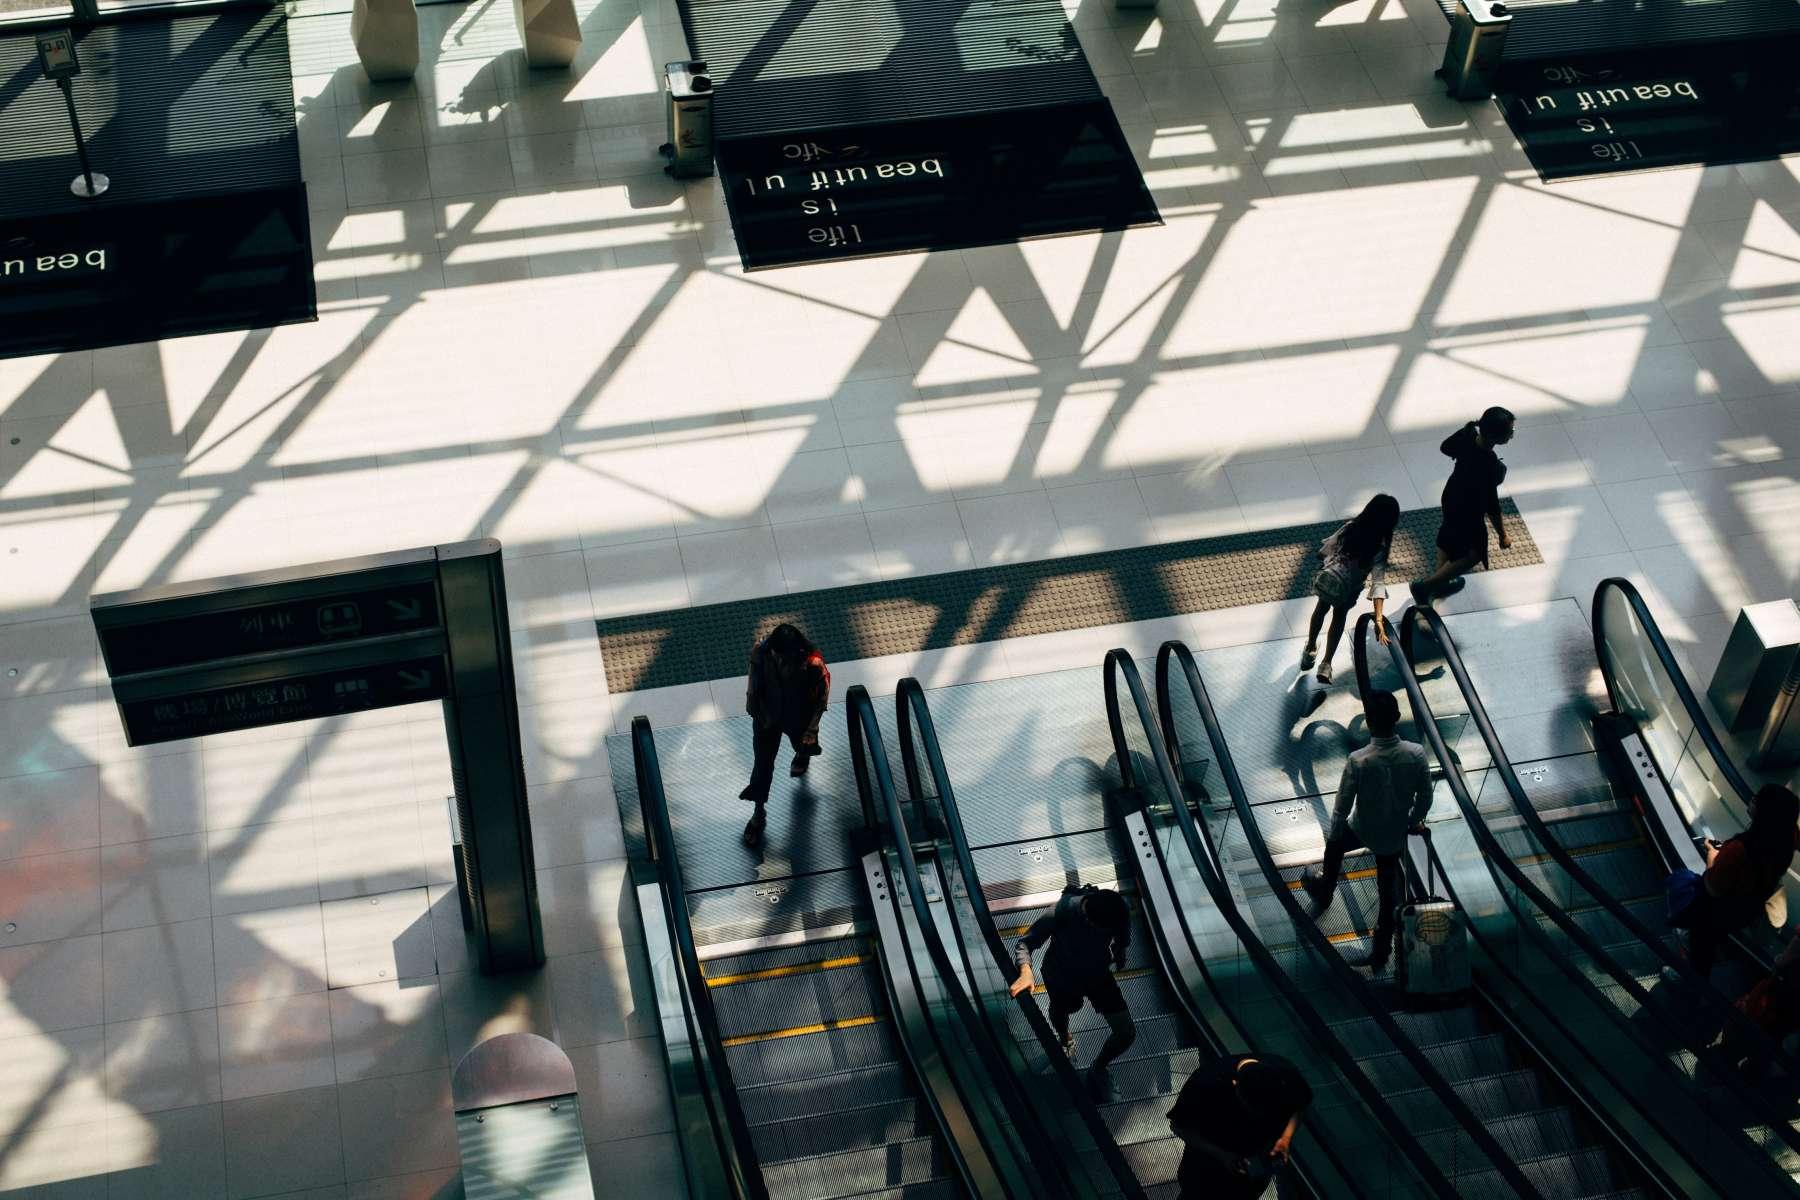 Un accord trouvé avec Qatar Airways pour ne plus avoir de « sauts de puce » Maastricht-Liège